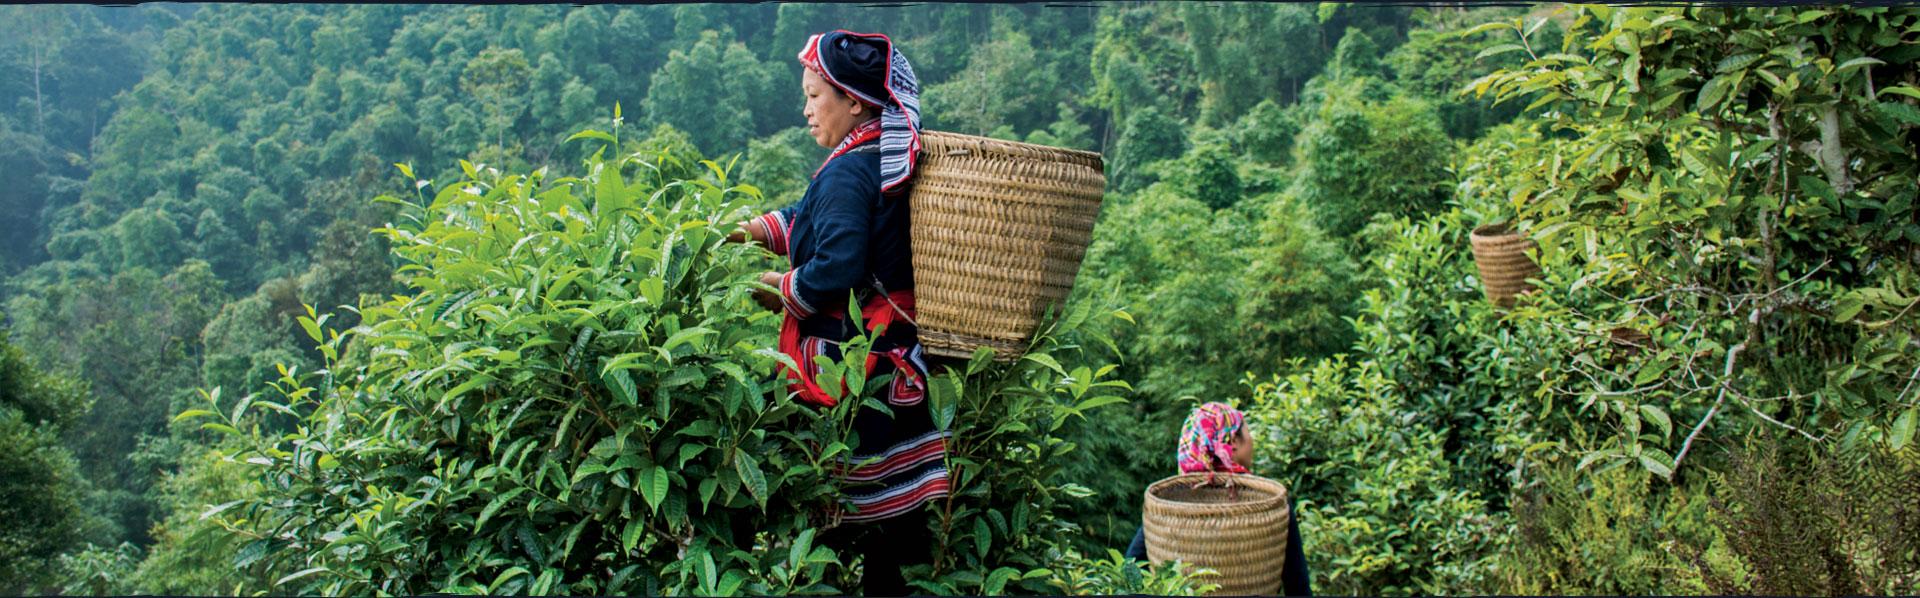 Chè shan tuyết Hà Giang. Đặc sản chè sạch với hương thơm, vị đượm, hậu ngọt